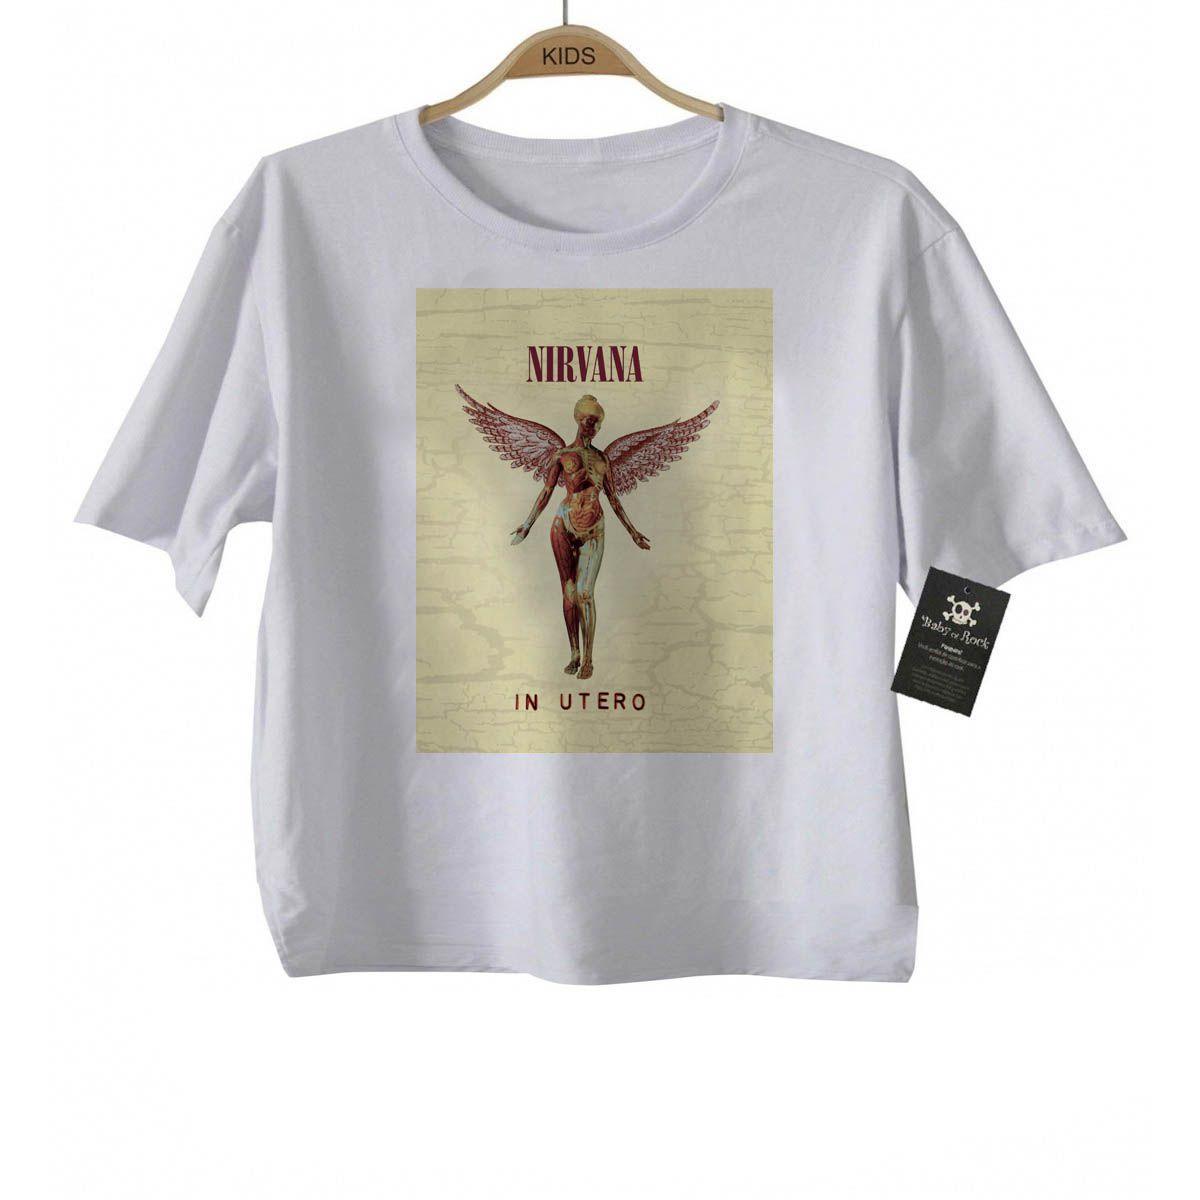 Camiseta Infantil  Rock Nirvana - Sublimation  - Baby Monster S/A